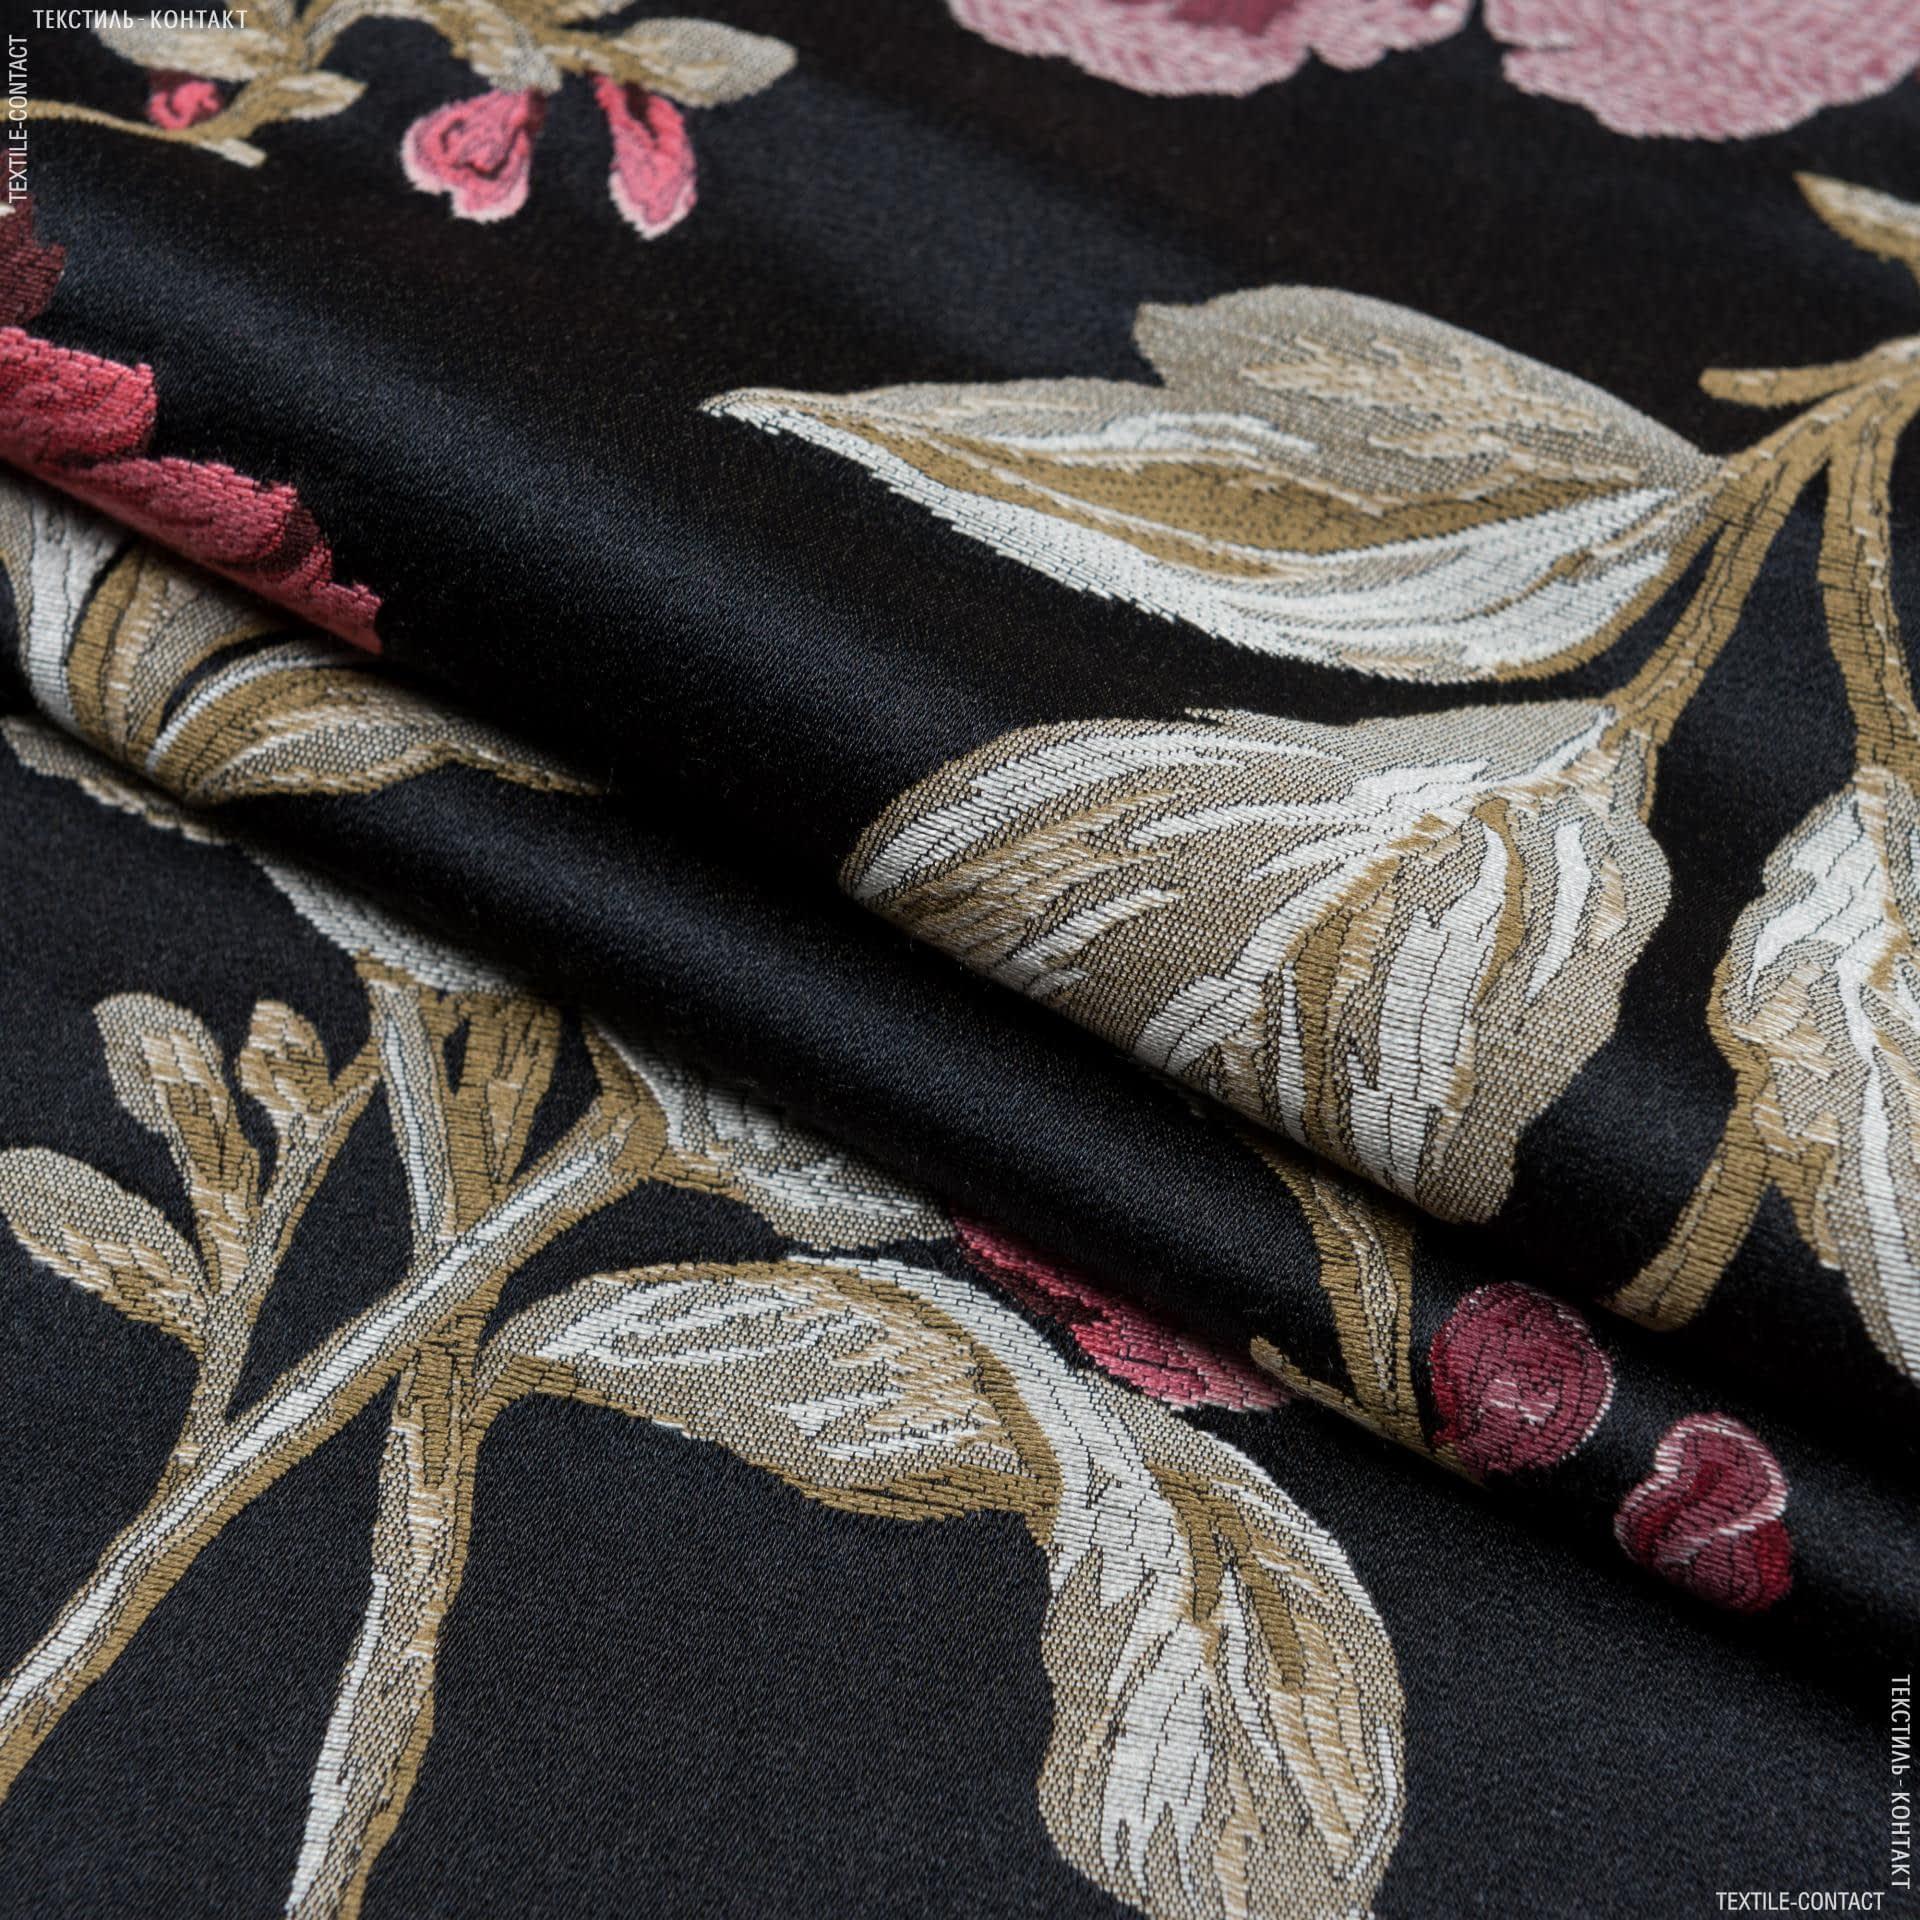 Ткани портьерные ткани - Декоративная ткань  палми  / palmi  фон черный, бордо